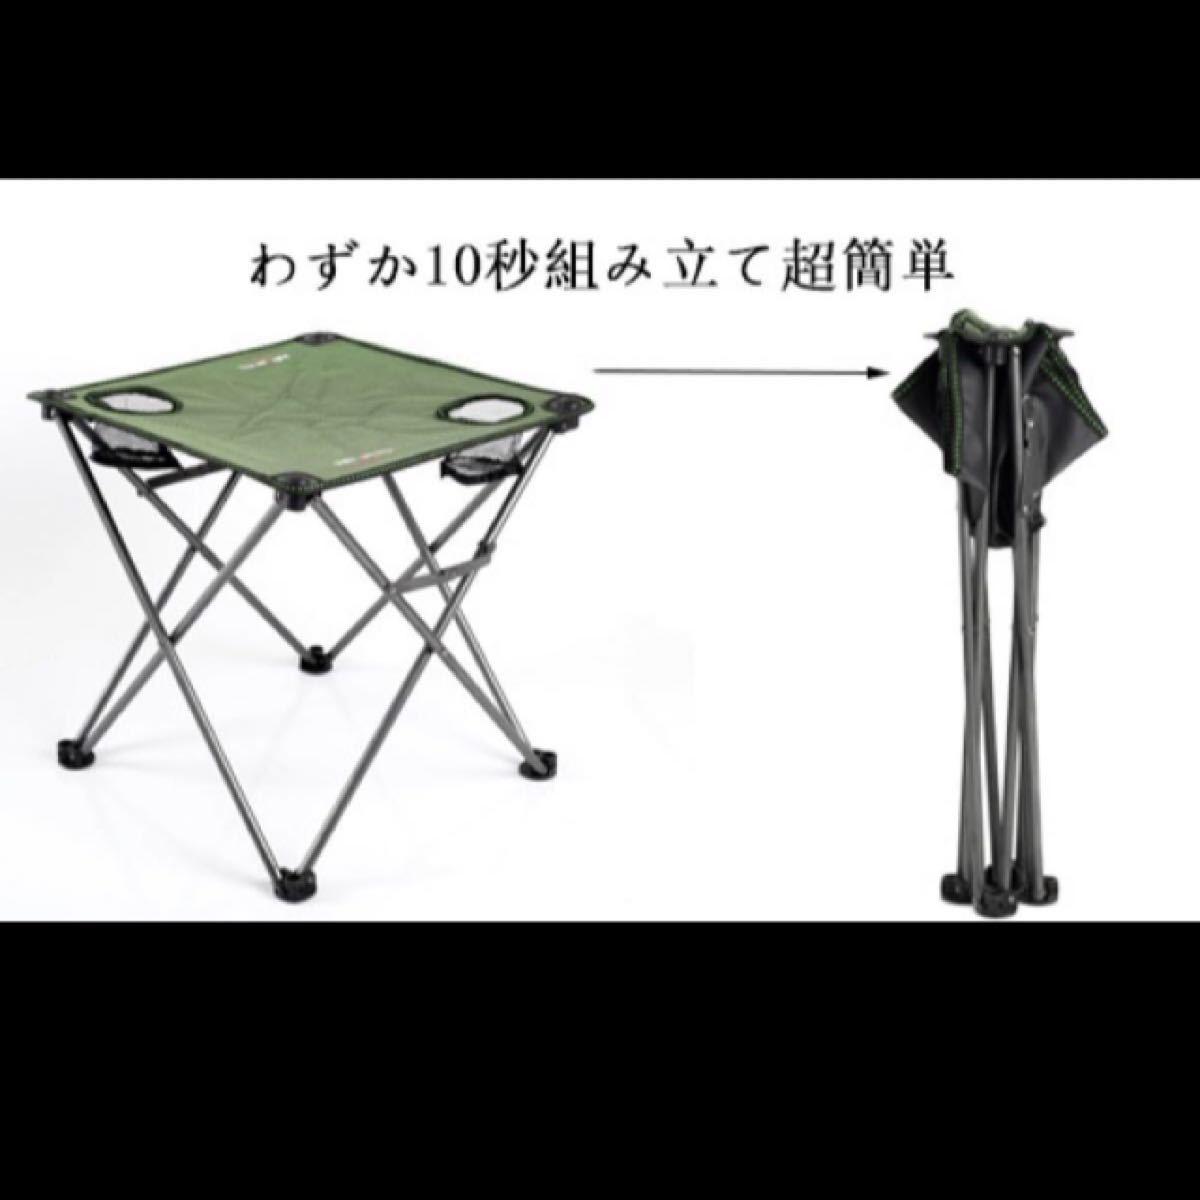 アウトドア テーブル イス 5点セット 折りたたみ キャンプ 収納バッグ付 総重量8kg 耐荷重約100kg 軽量 コンパクト